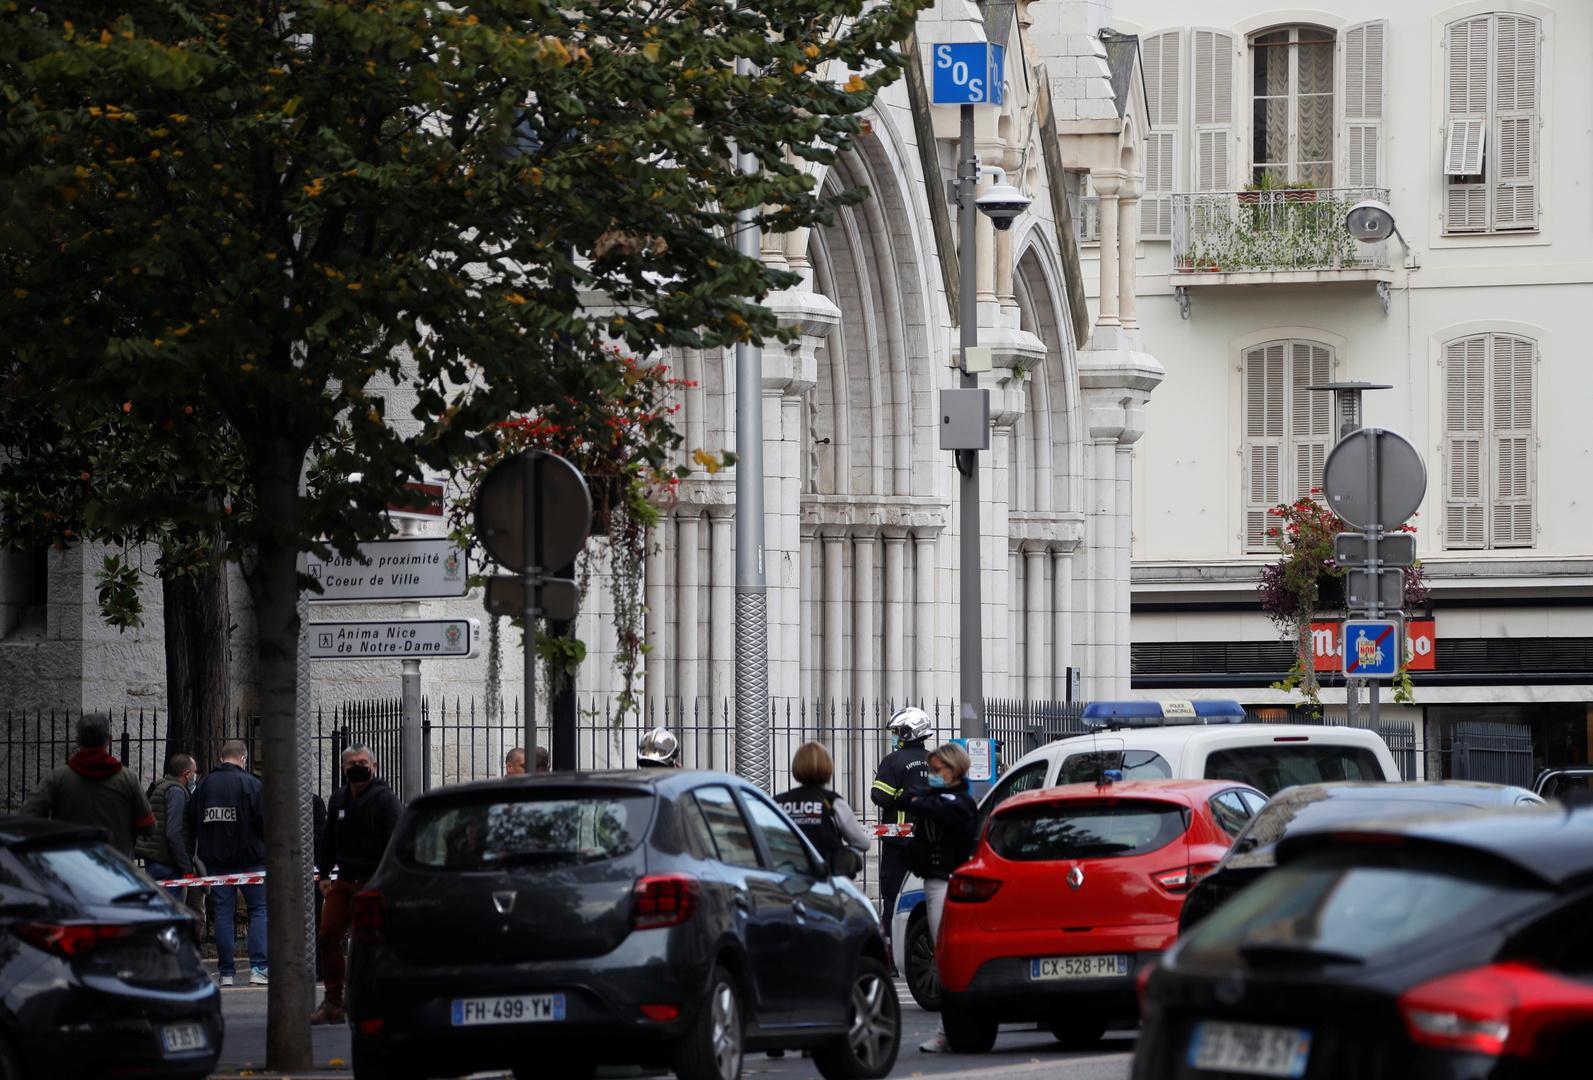 مقتل 3 أشخاص بهجوم بسكين في مدينة نيس الفرنسية